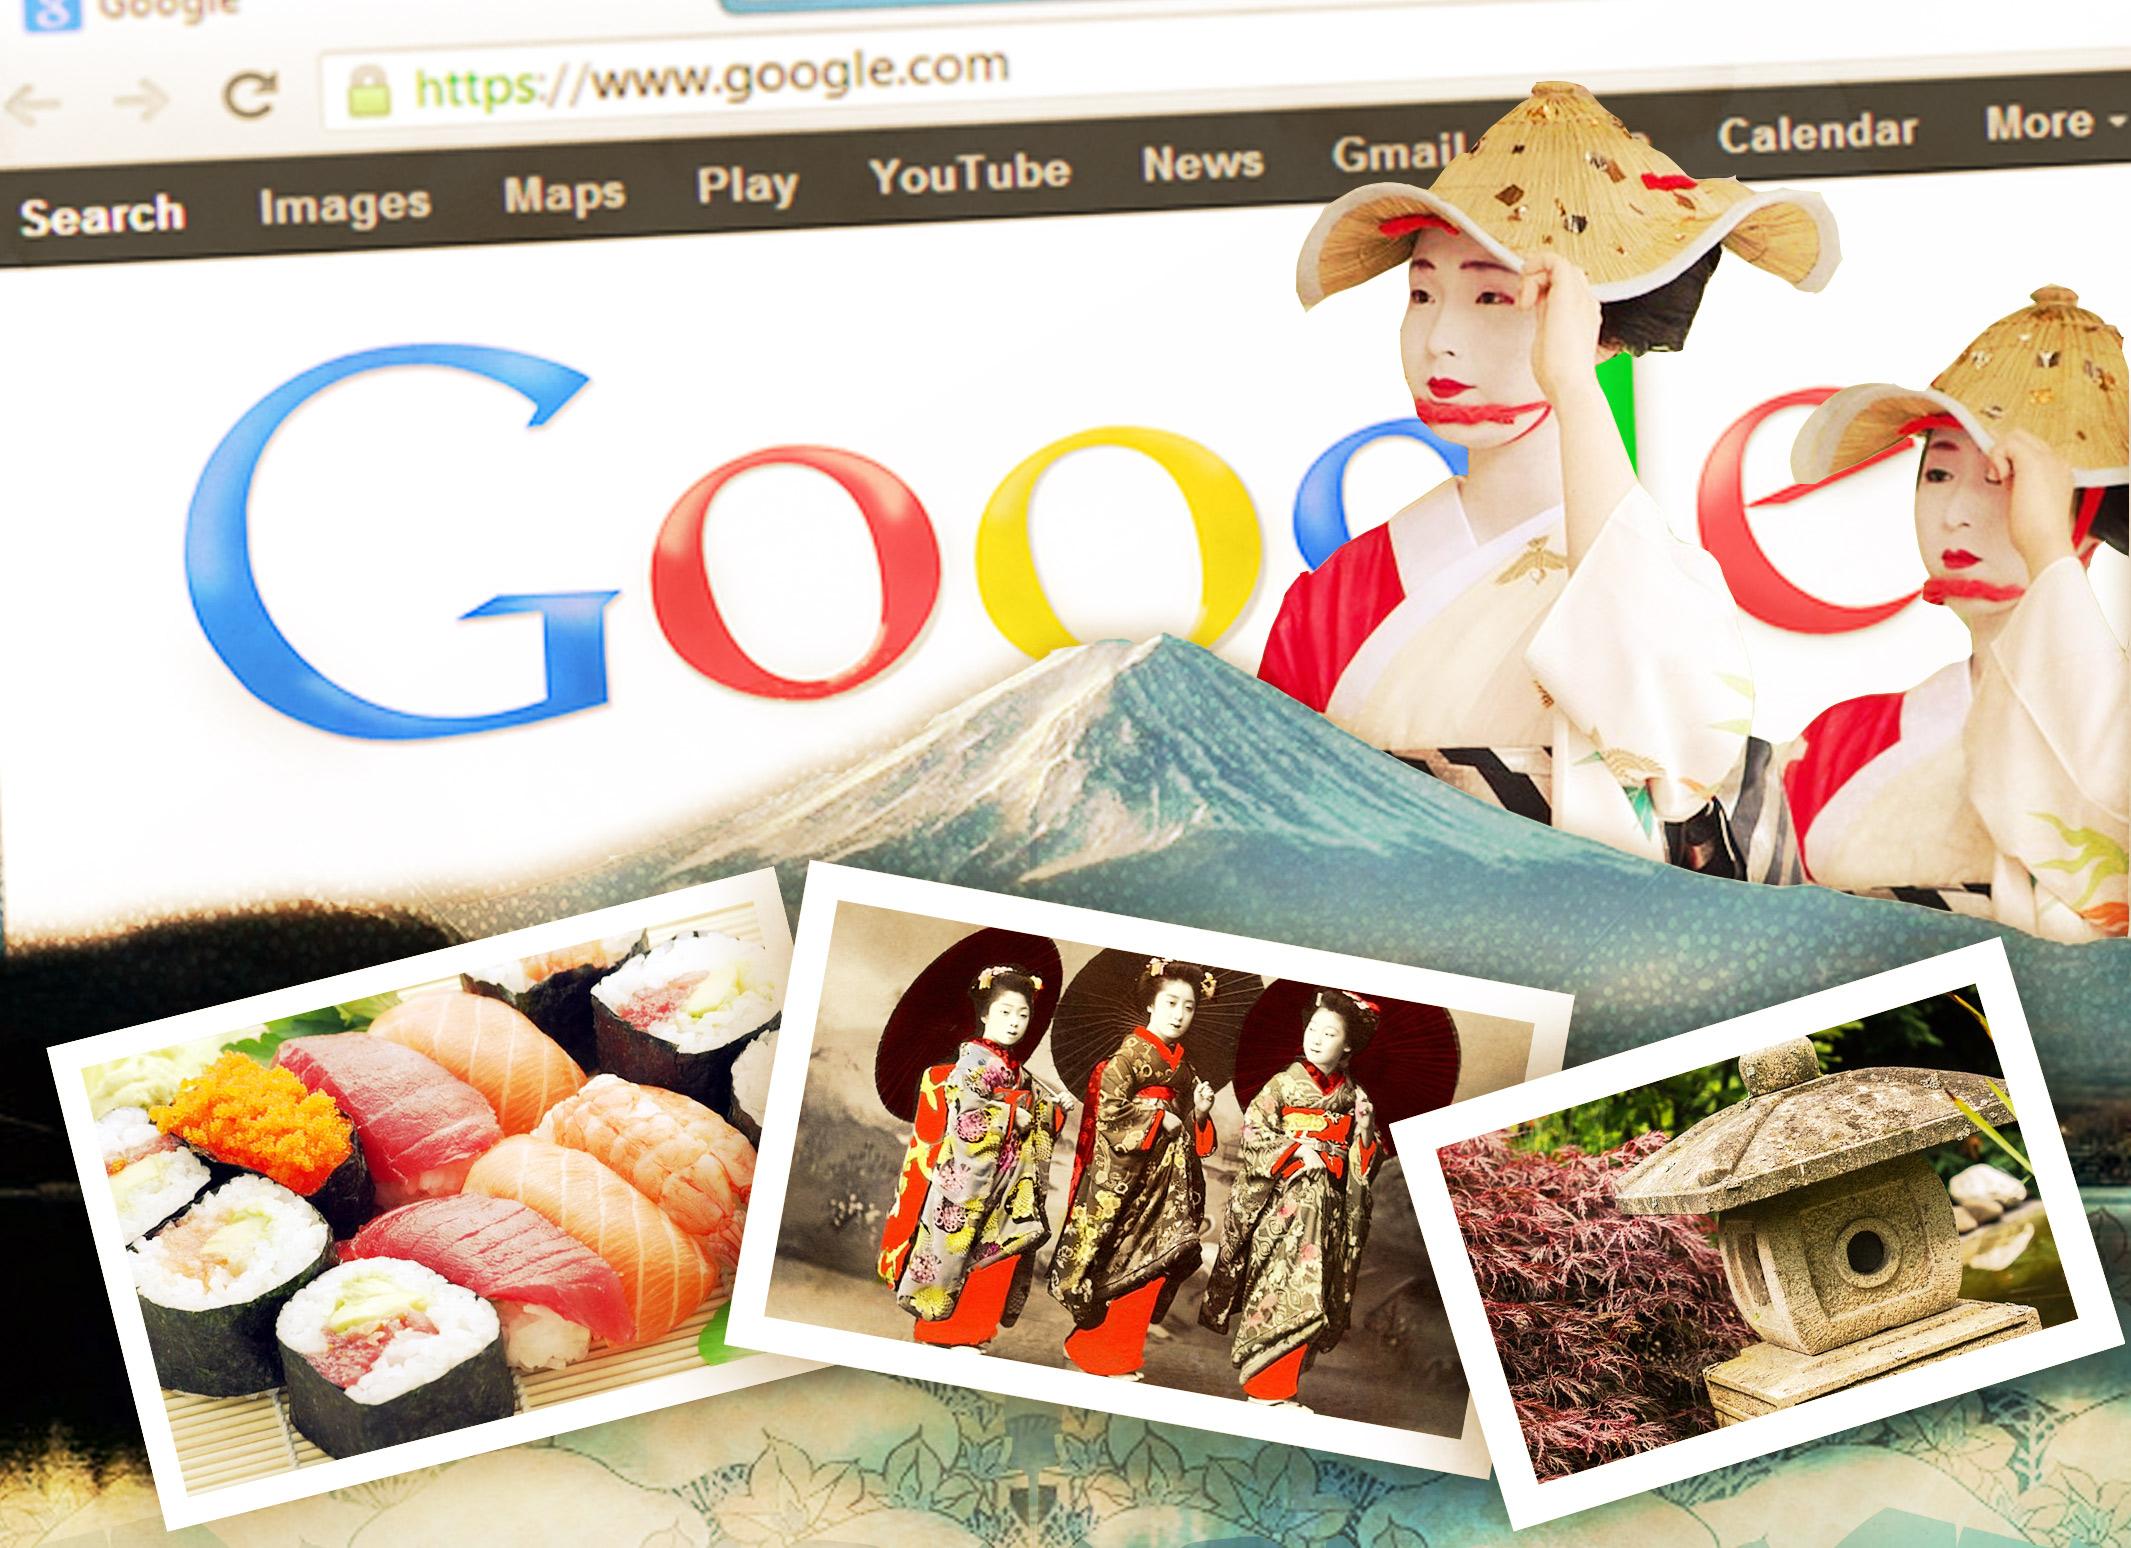 Usa Google imágenes para aprender de cultura japonesa